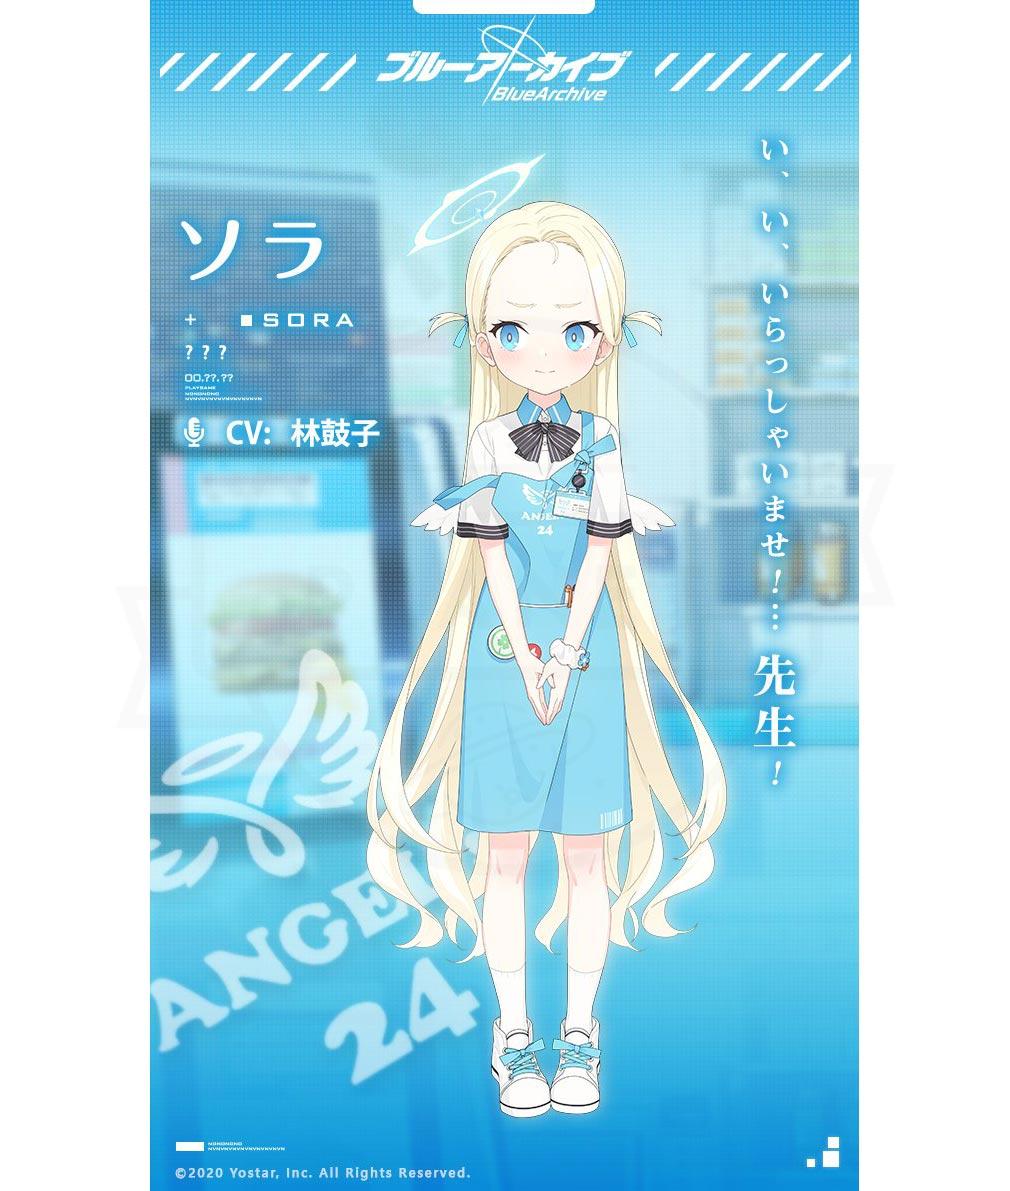 ブルーアーカイブ -Blue Archive-(ブルアカ) キャラクター『ソラ』紹介イメージ